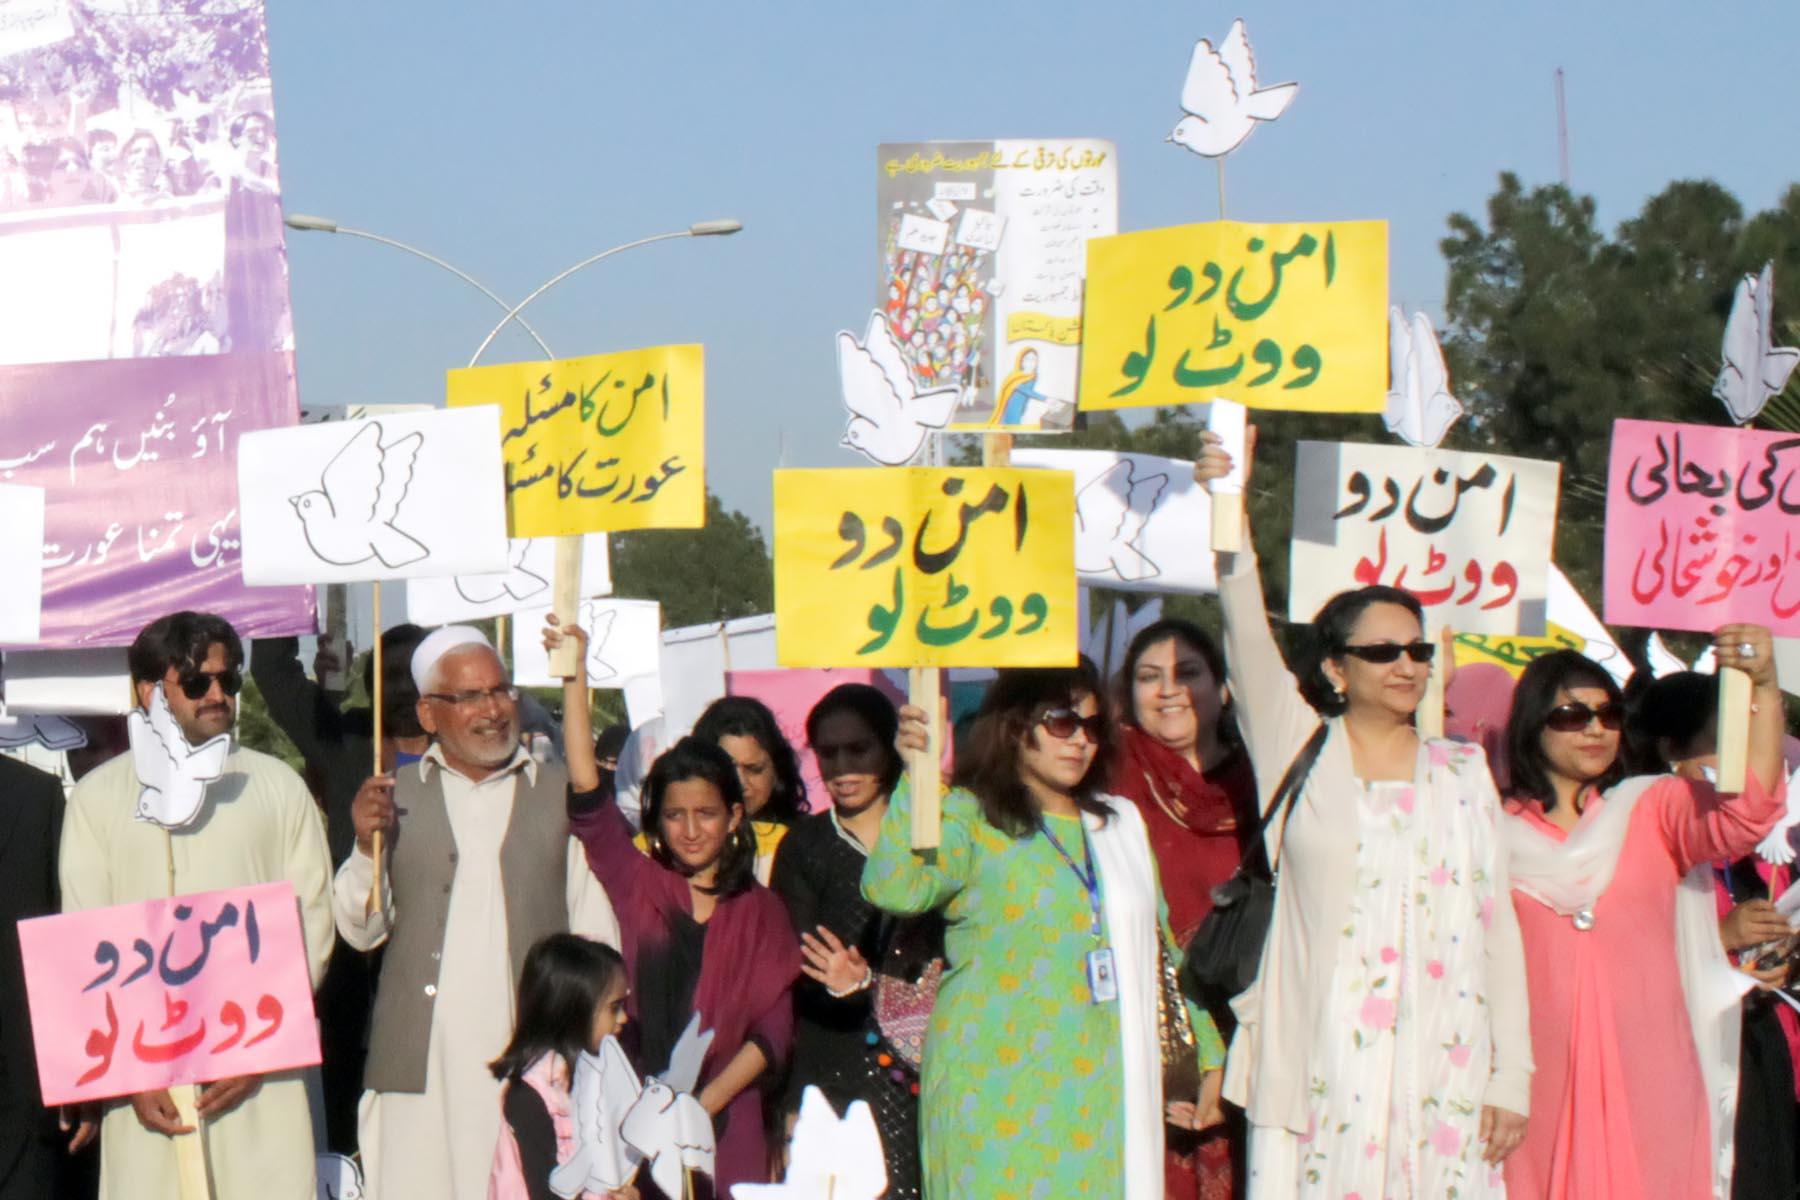 پاکستان نے ایک پر امن احتجاج دیکھا